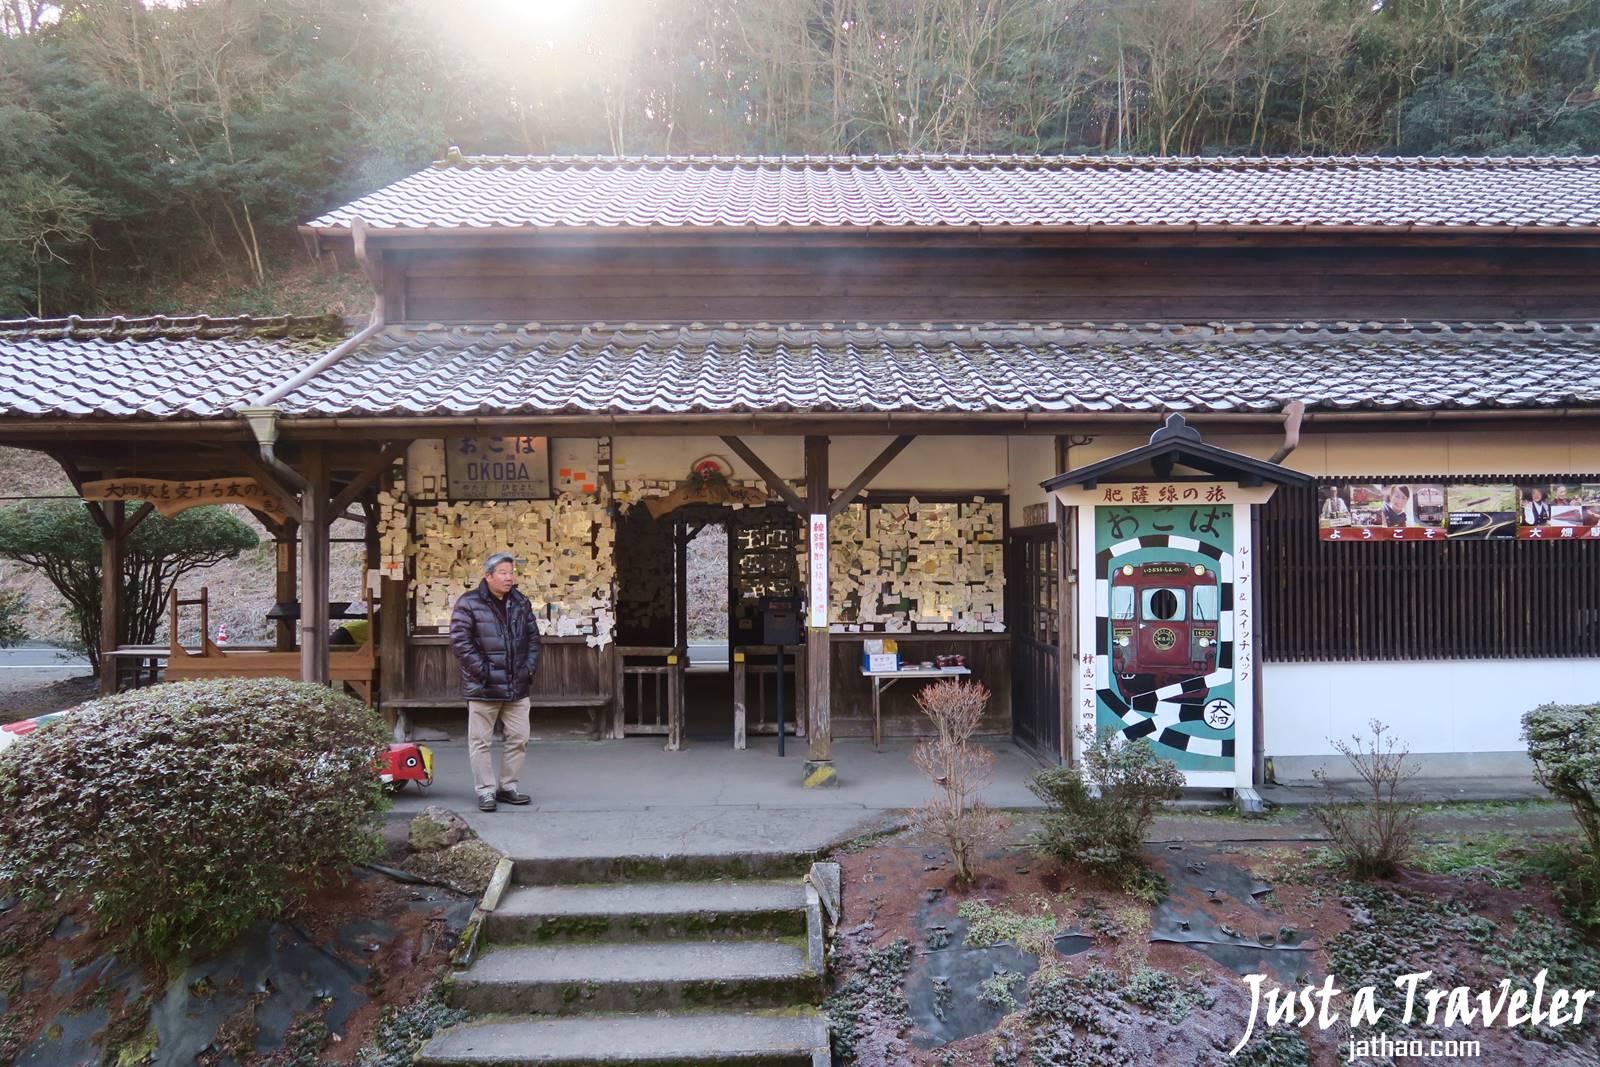 九州-特色觀光列車-推薦-D&S列車-攻略-特色列車預訂-觀光列車-火車-JR-交通-Kyushu